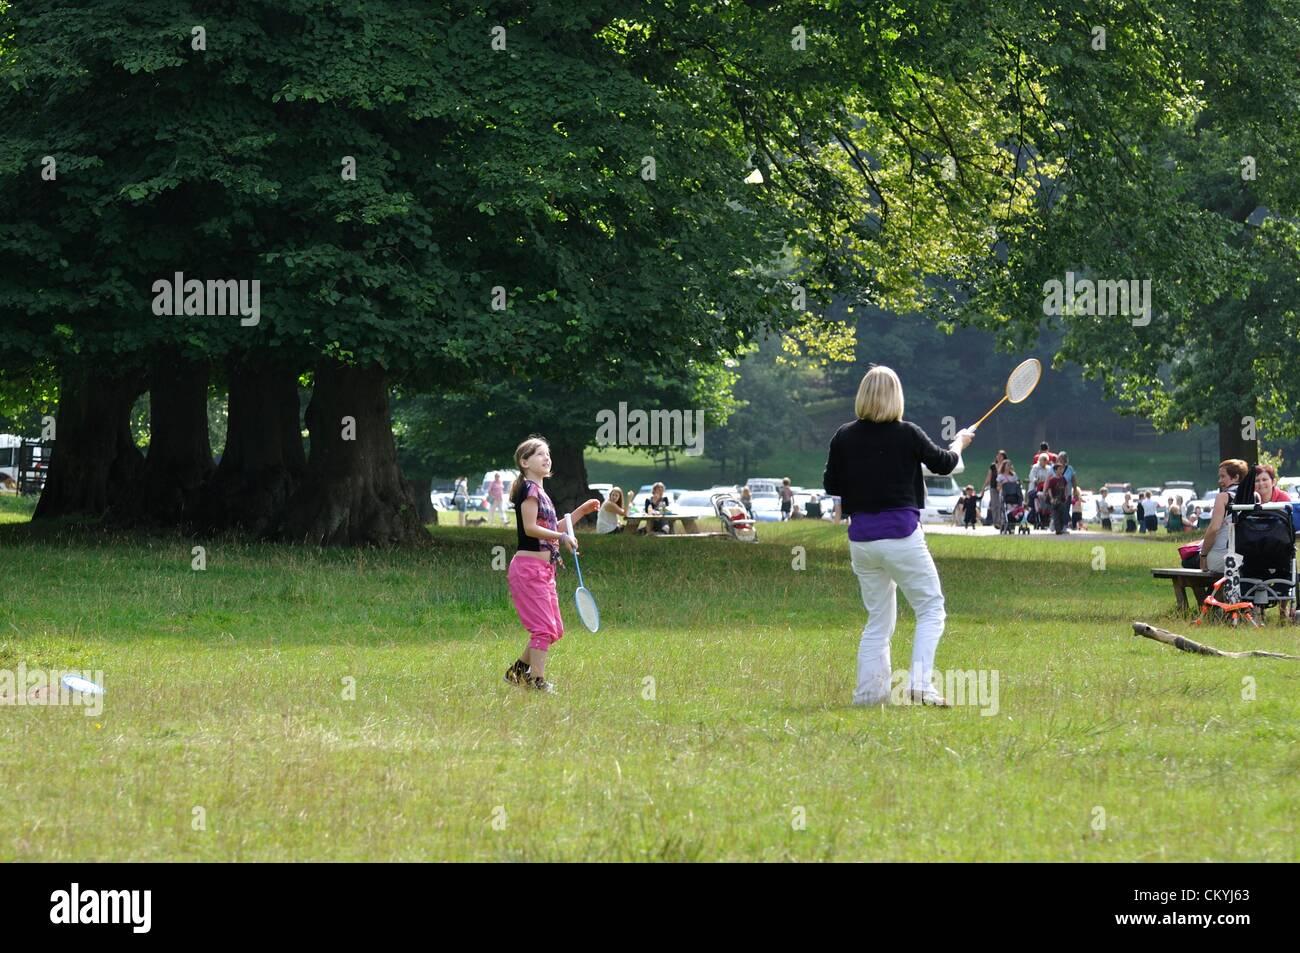 Lundi 03/09/2012 Lyme Park, Cheshire. Femme et enfant femelle jouer au badminton sur une journée chaude et Photo Stock